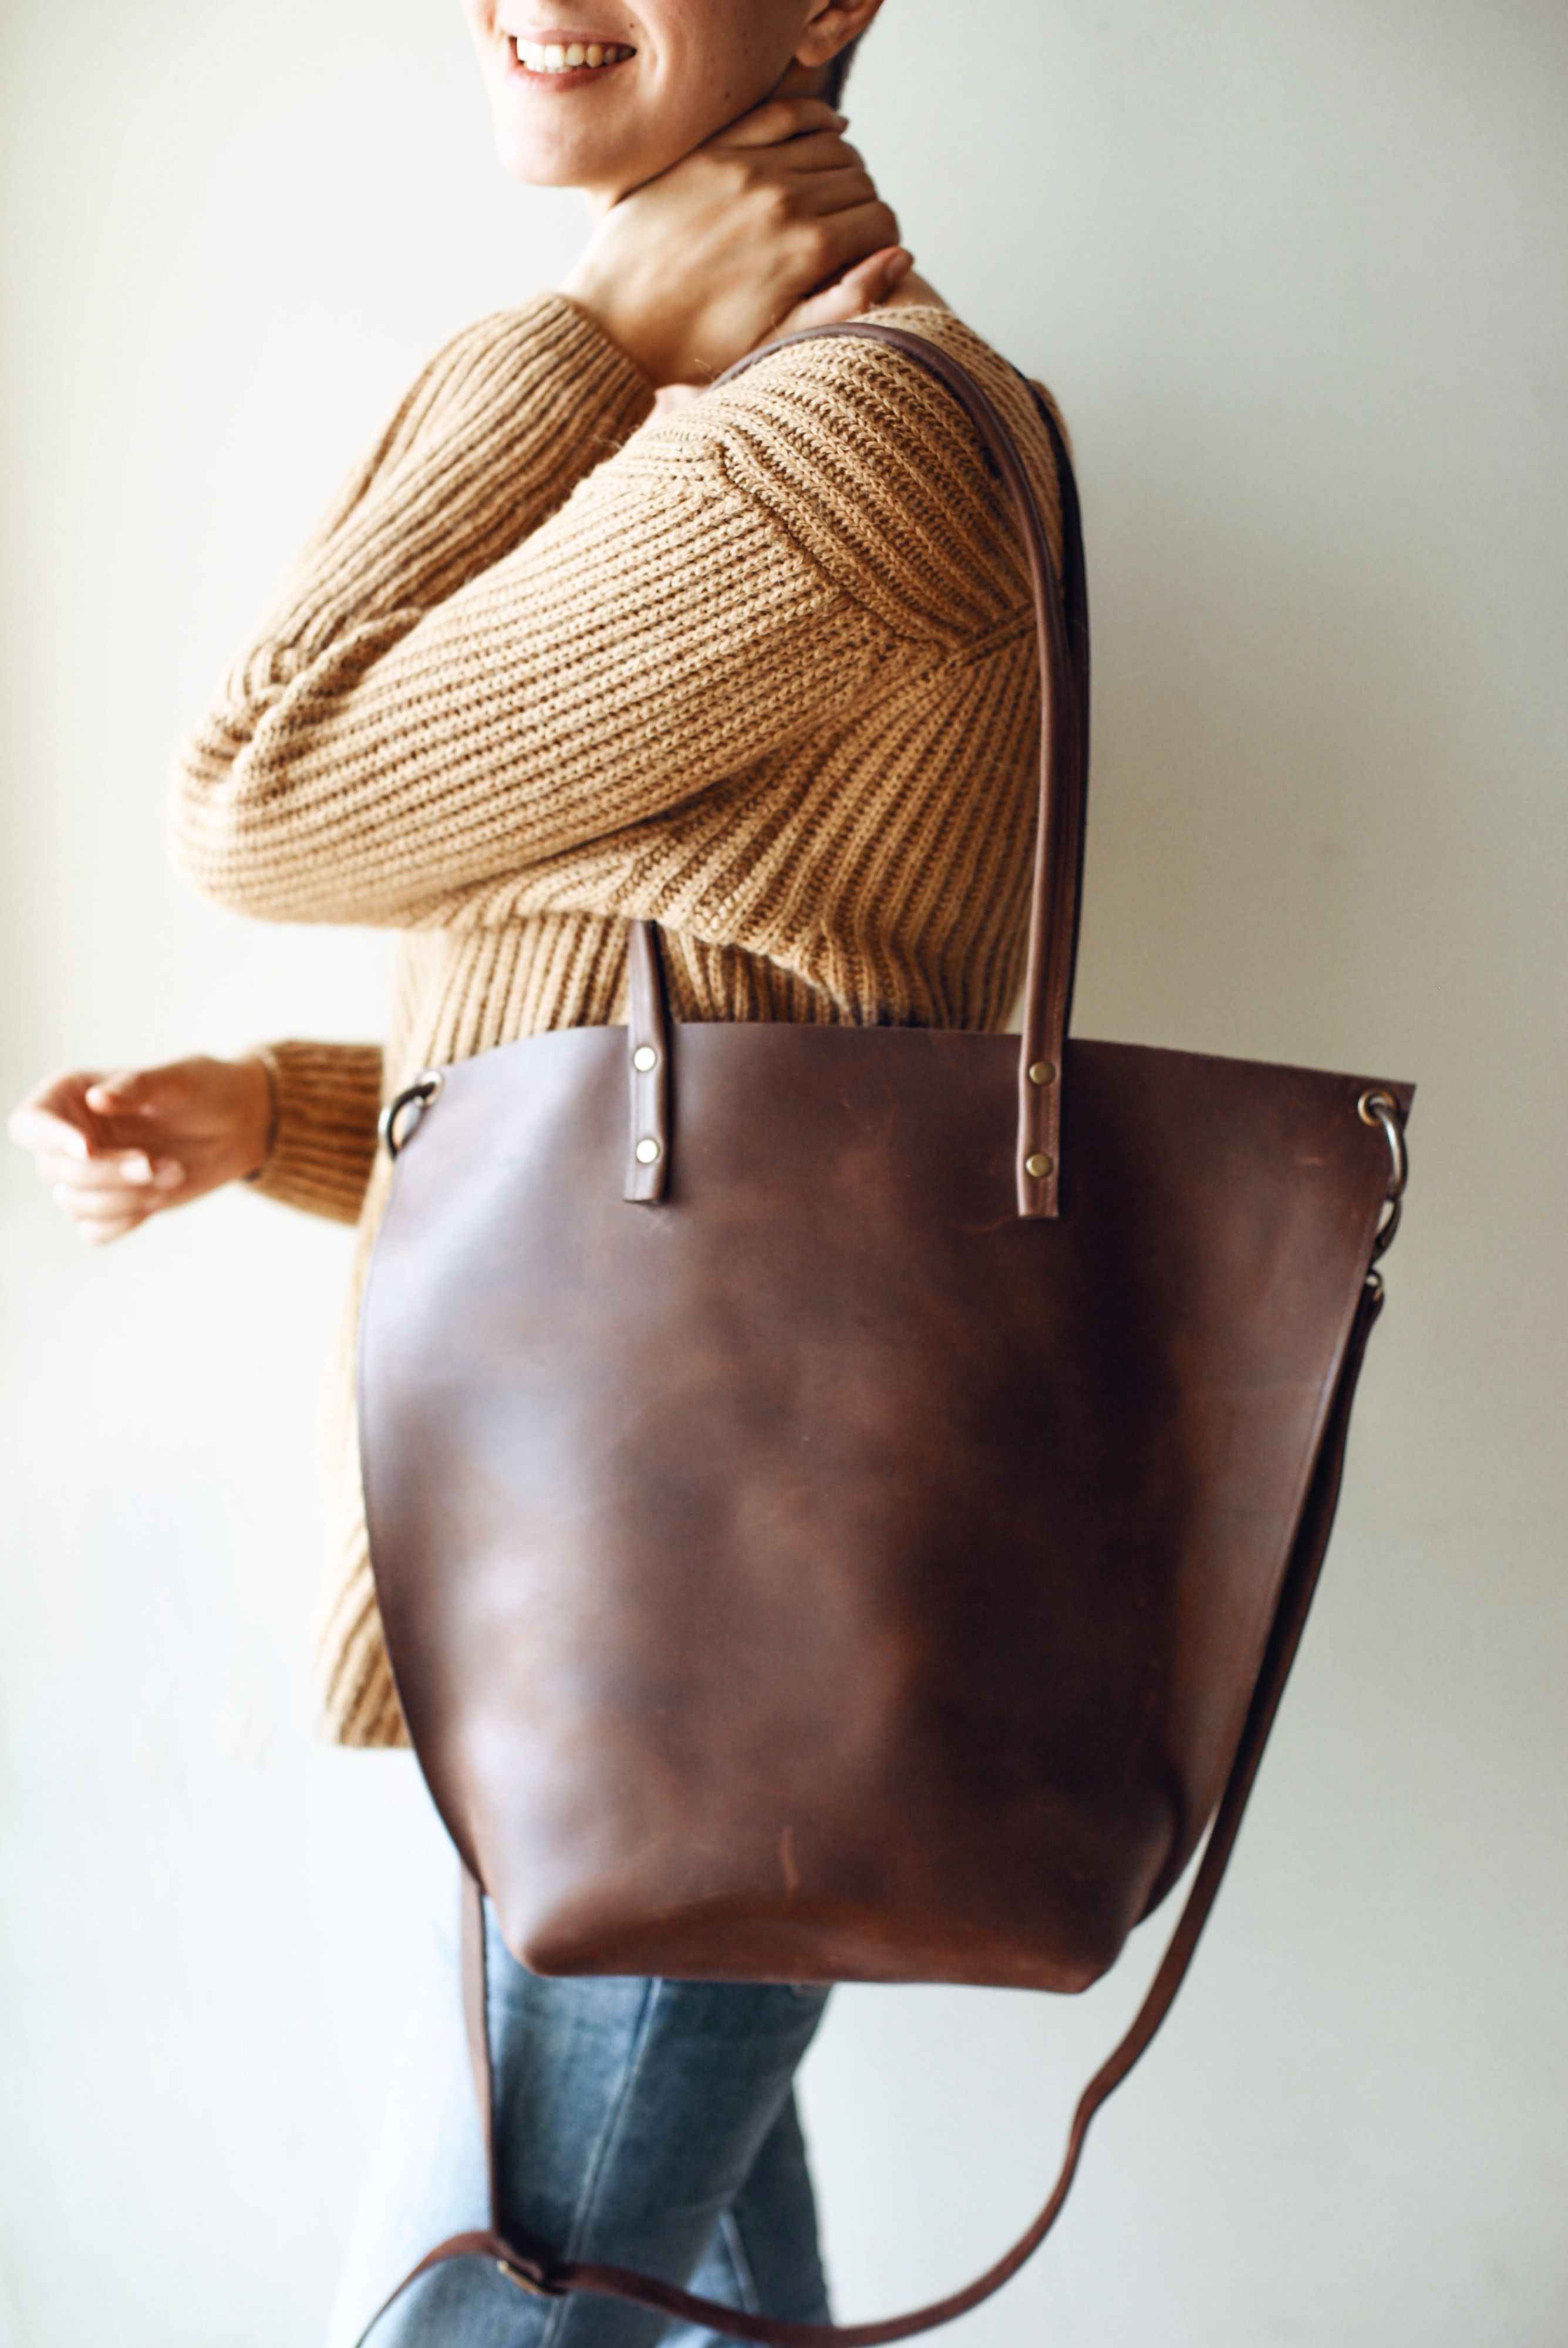 Handmade Tote From Highest Quality Natural Leather Brown Handbag Vintage Bag Shoulder